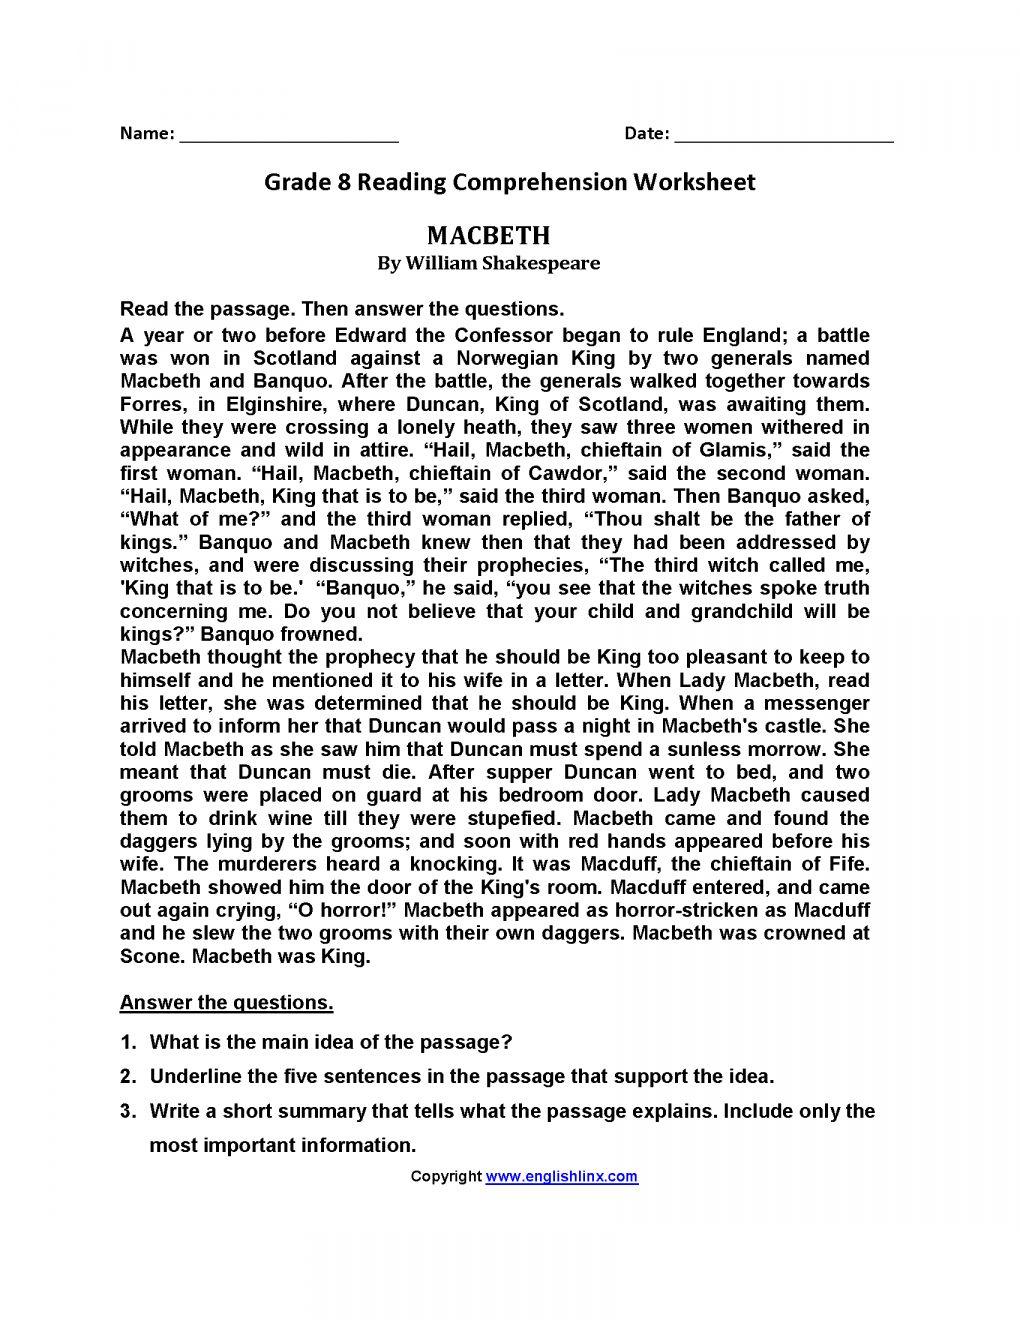 7 Reading Comprehension Grade 8 Worksheet Reading Chartsheet Net In 2020 Reading Comprehension Worksheets Reading Comprehension 8th Grade Reading